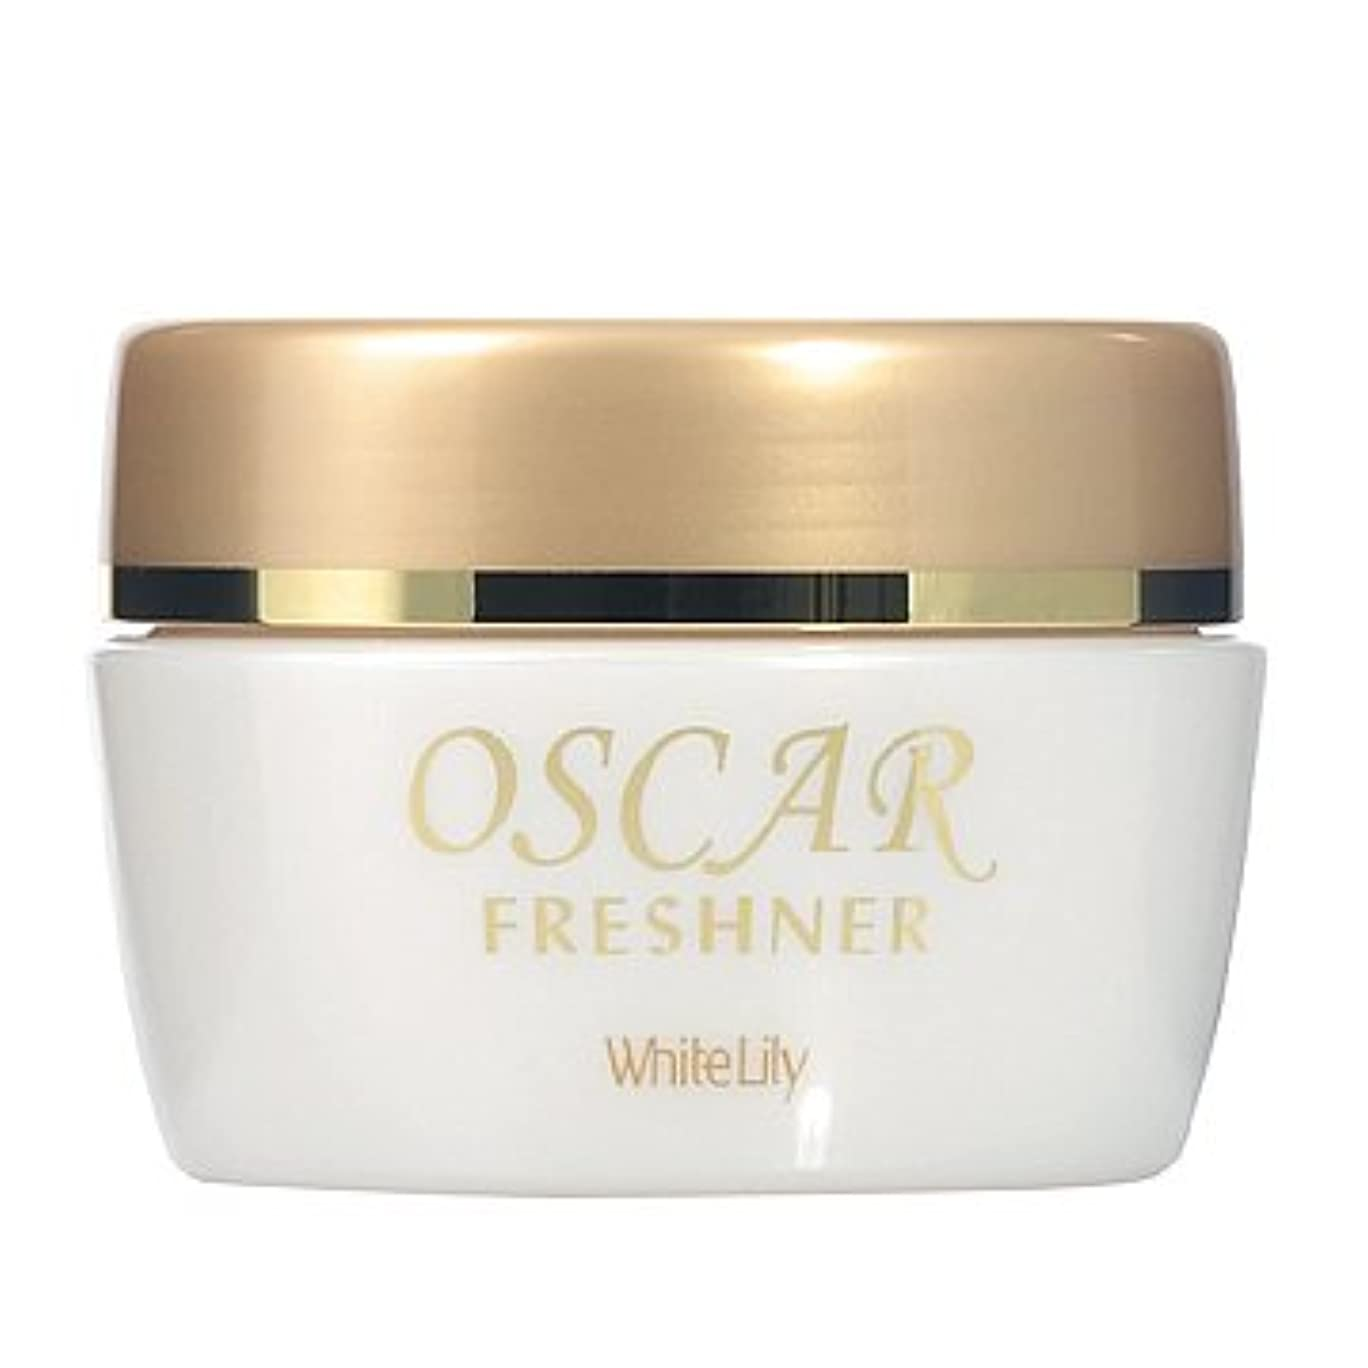 ハリウッド裁量出版ホワイトリリー オスカーフレッシュナー 95g 洗顔料